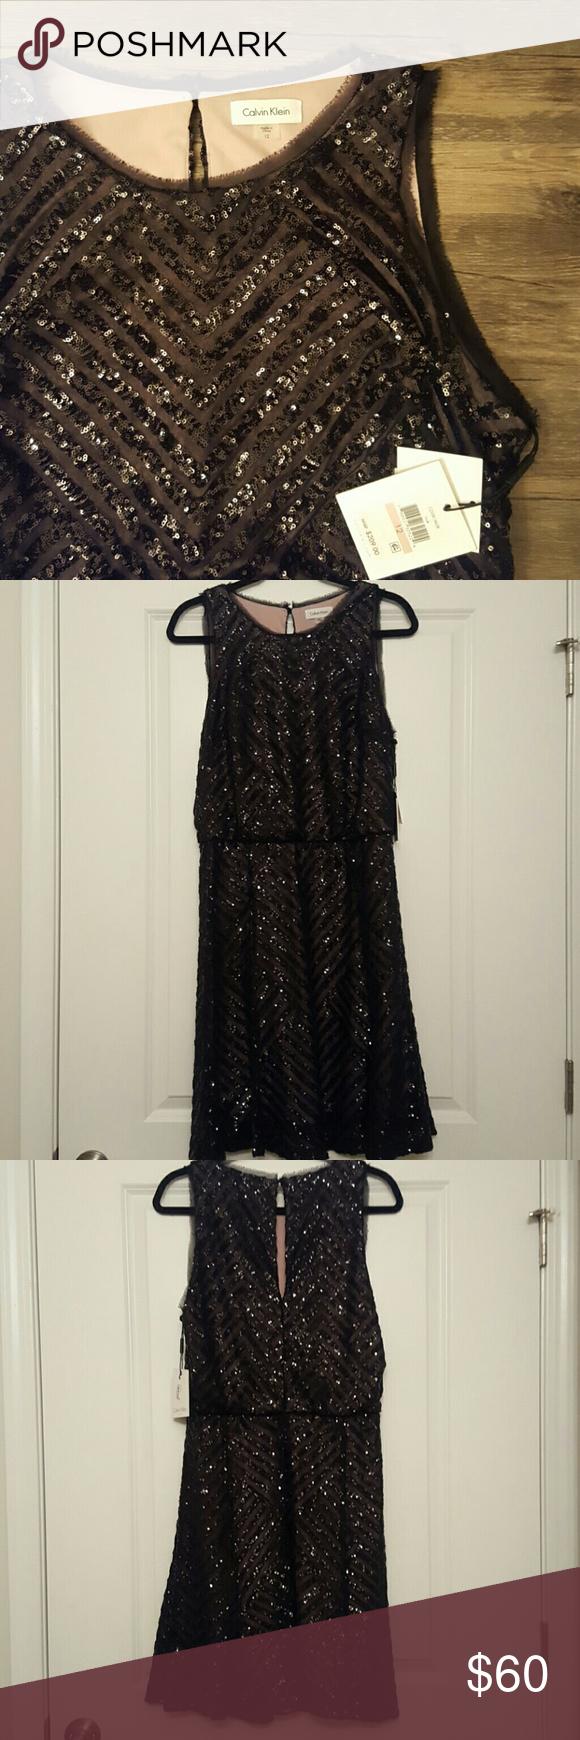 Calvin Klein Black Sparkle dress sz 12 NWT Calvin Klein Black Sparkle dress sz 12 Calvin Klein Dresses Midi